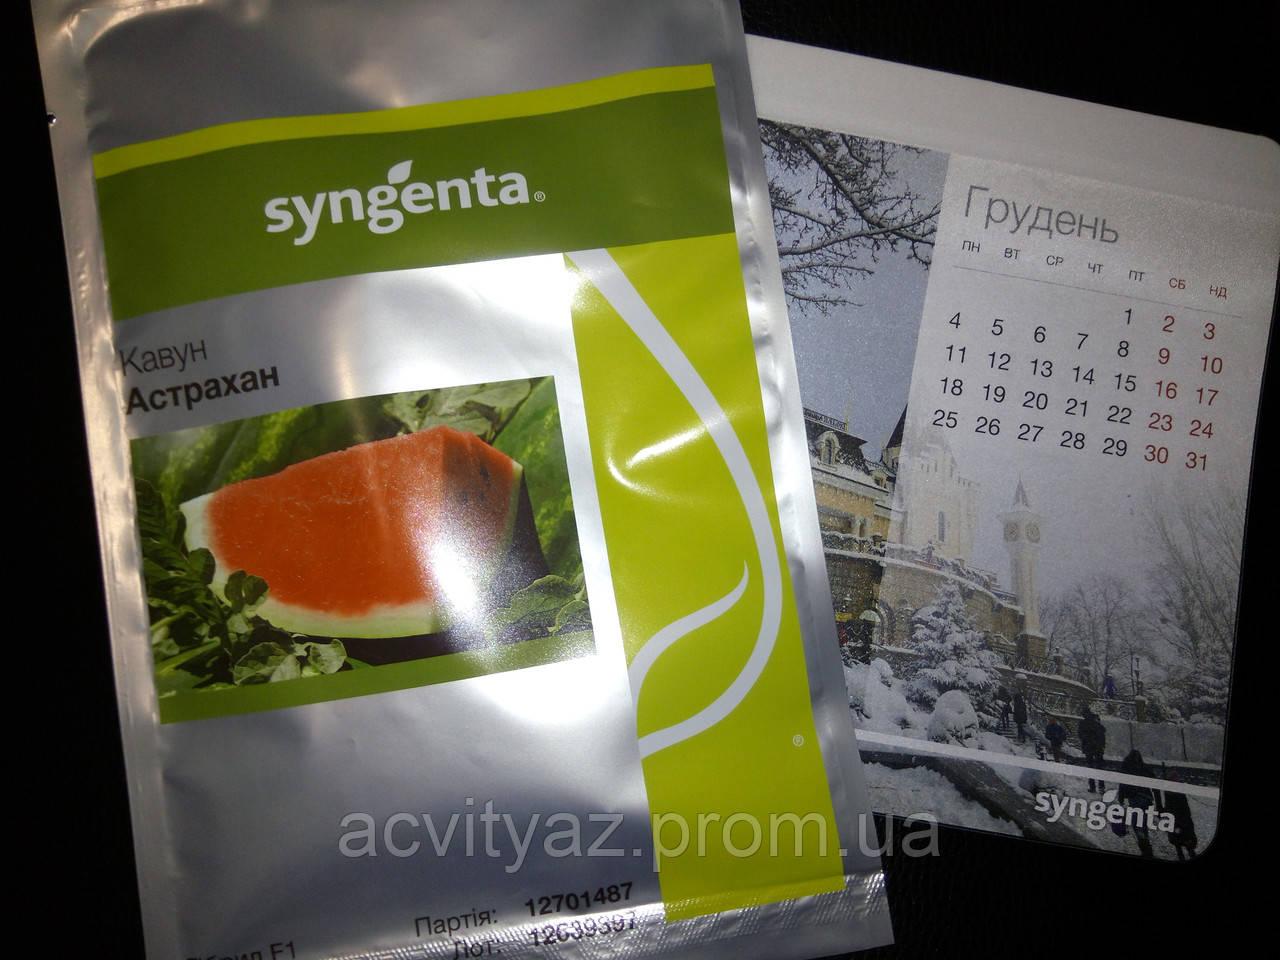 Семена арбуза Астрахан F1, 1000 семян, фото 1